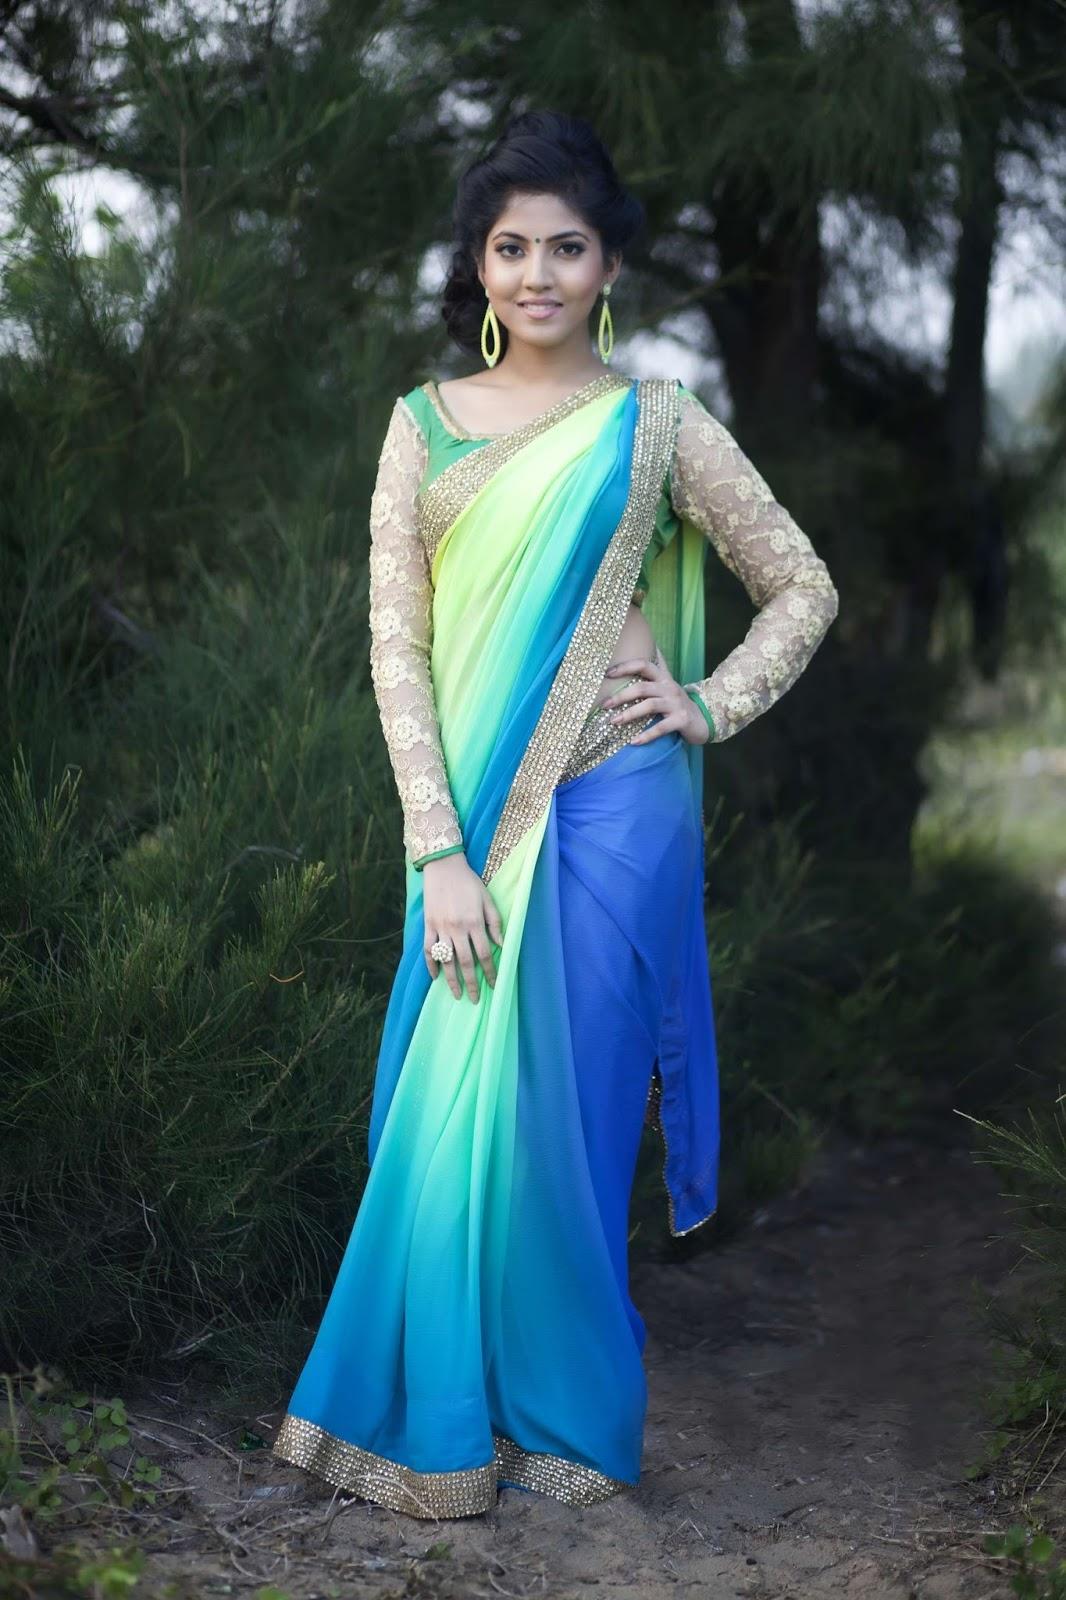 Anaswara kumar saree photos